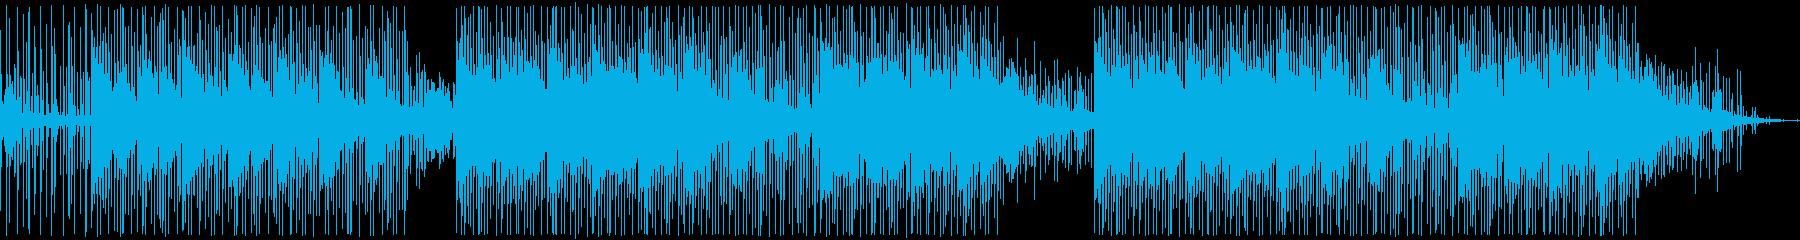 なめらかでクリア。タイムクロックビ...の再生済みの波形